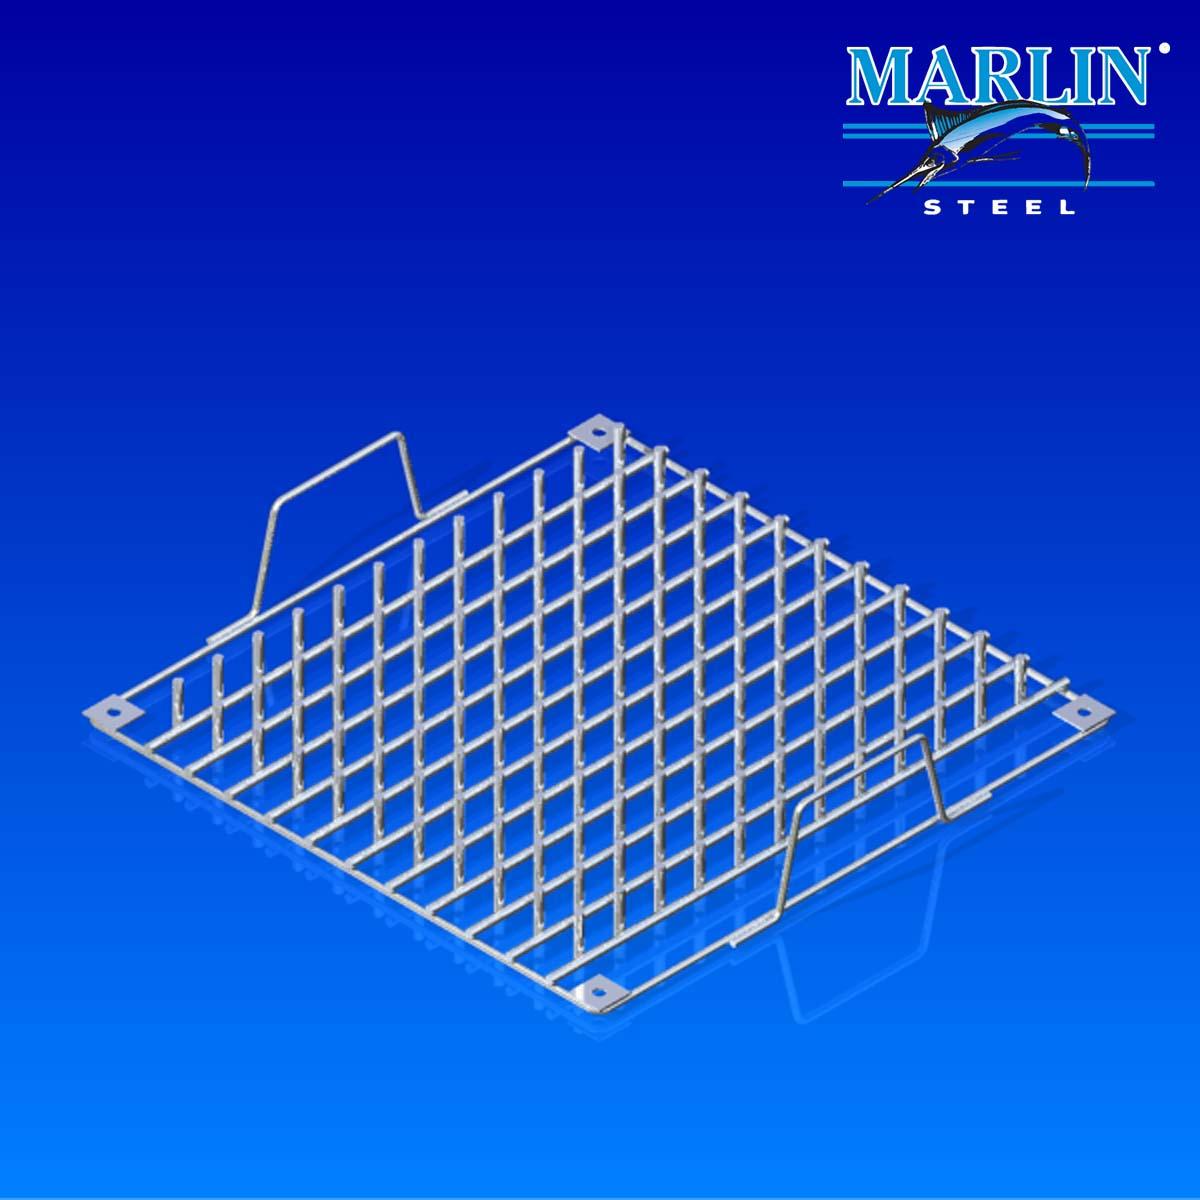 Marlin Steel Wire Basket 854005